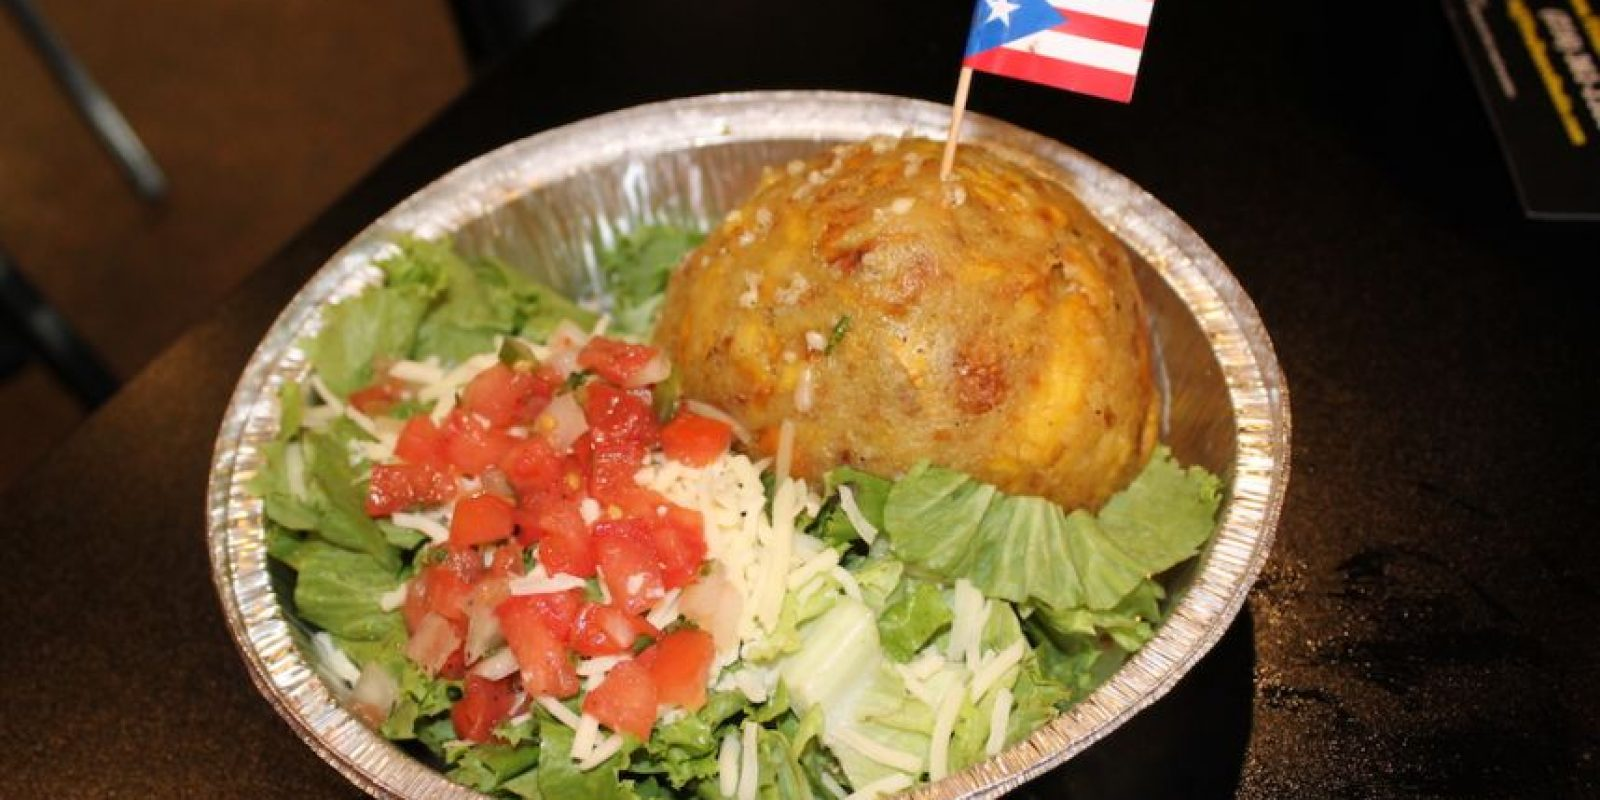 Su negocio se ha convertido en uno de los restaurantes latinos más famosos de la zona y de Ohio. Foto:David Cordero. Imagen Por: